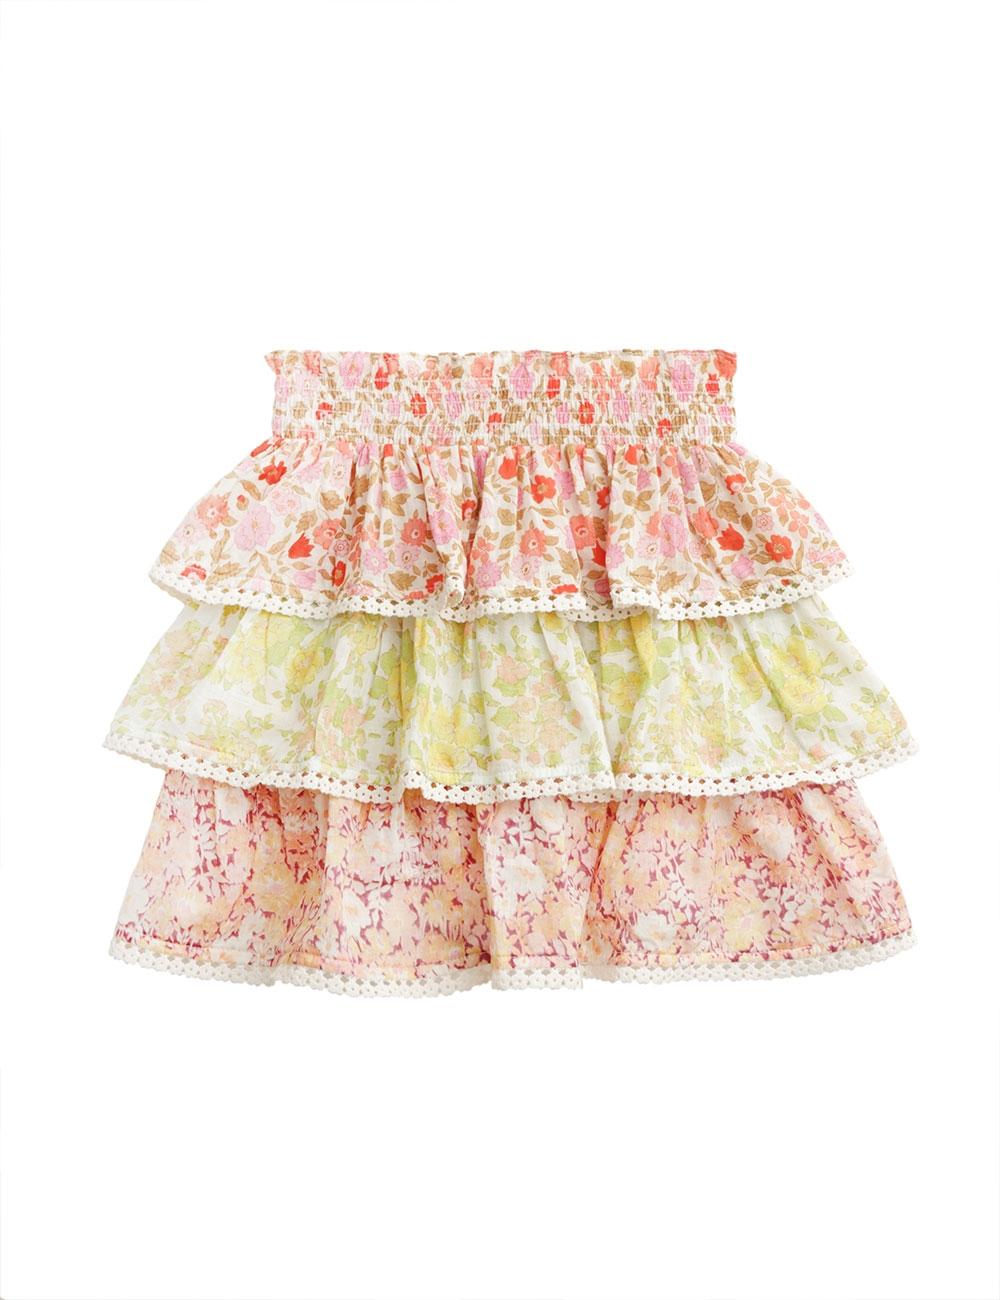 Goldie Tiered Skirt